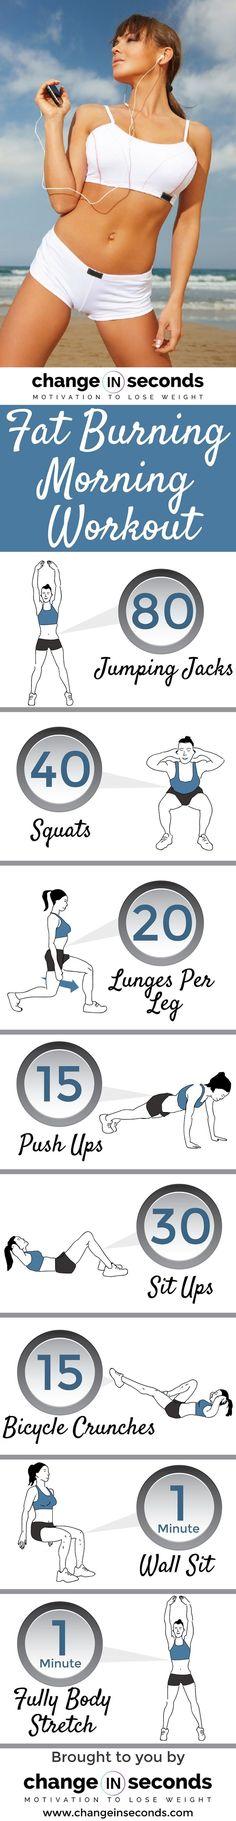 Fat Burning Morning Workout (Download PDF) #ad